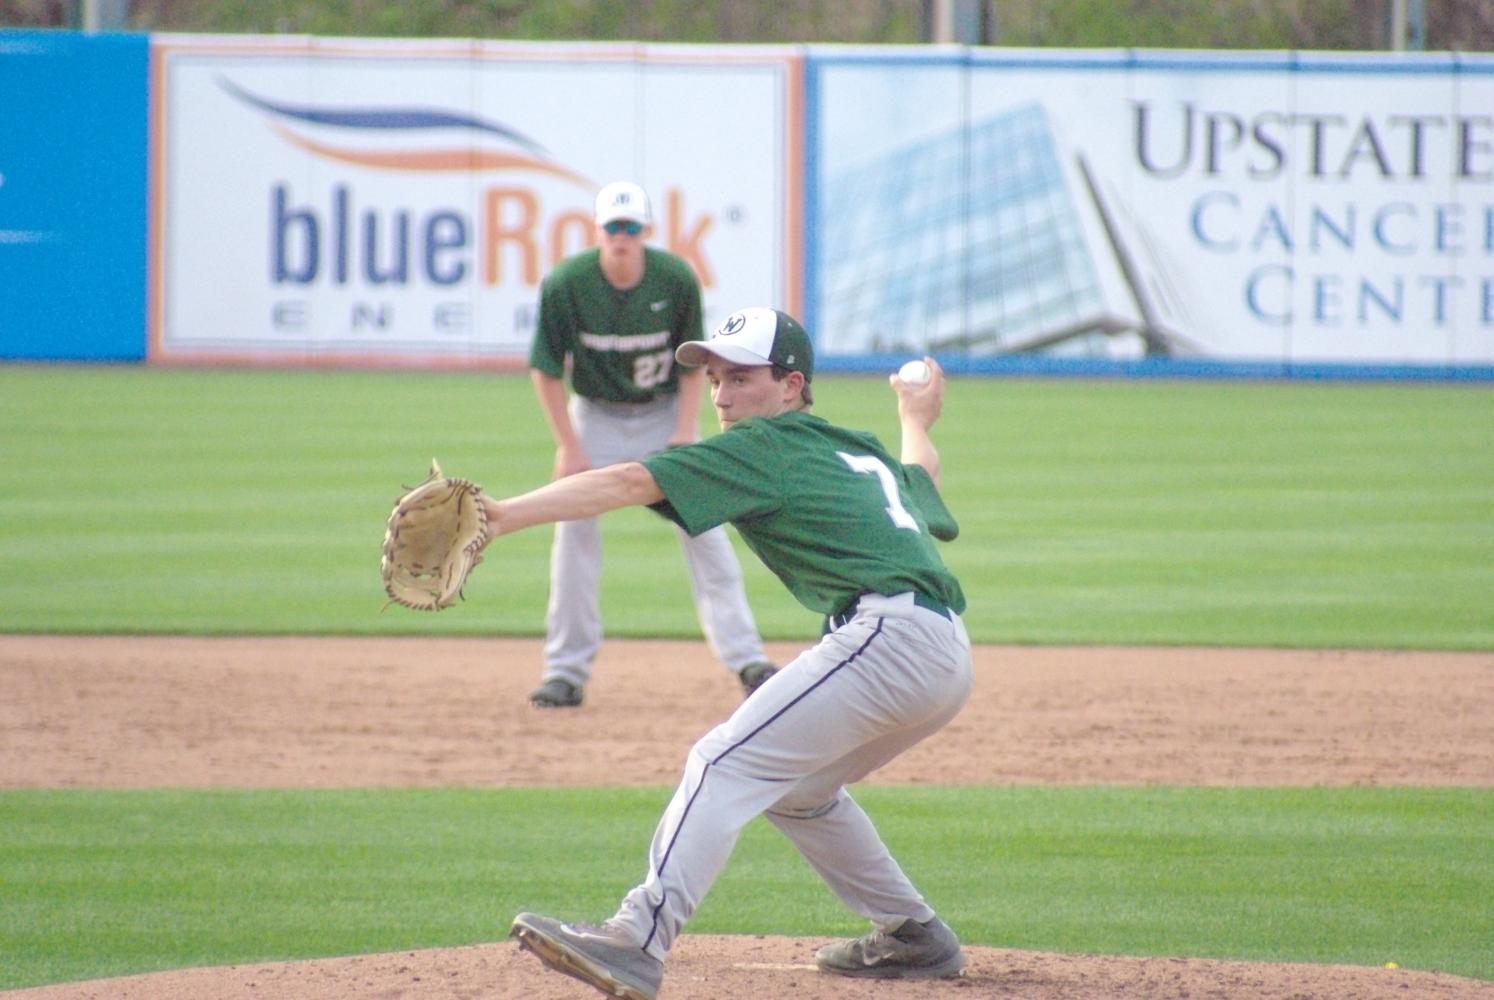 Weedsport Baseball Has Strong Start, But Falls Short